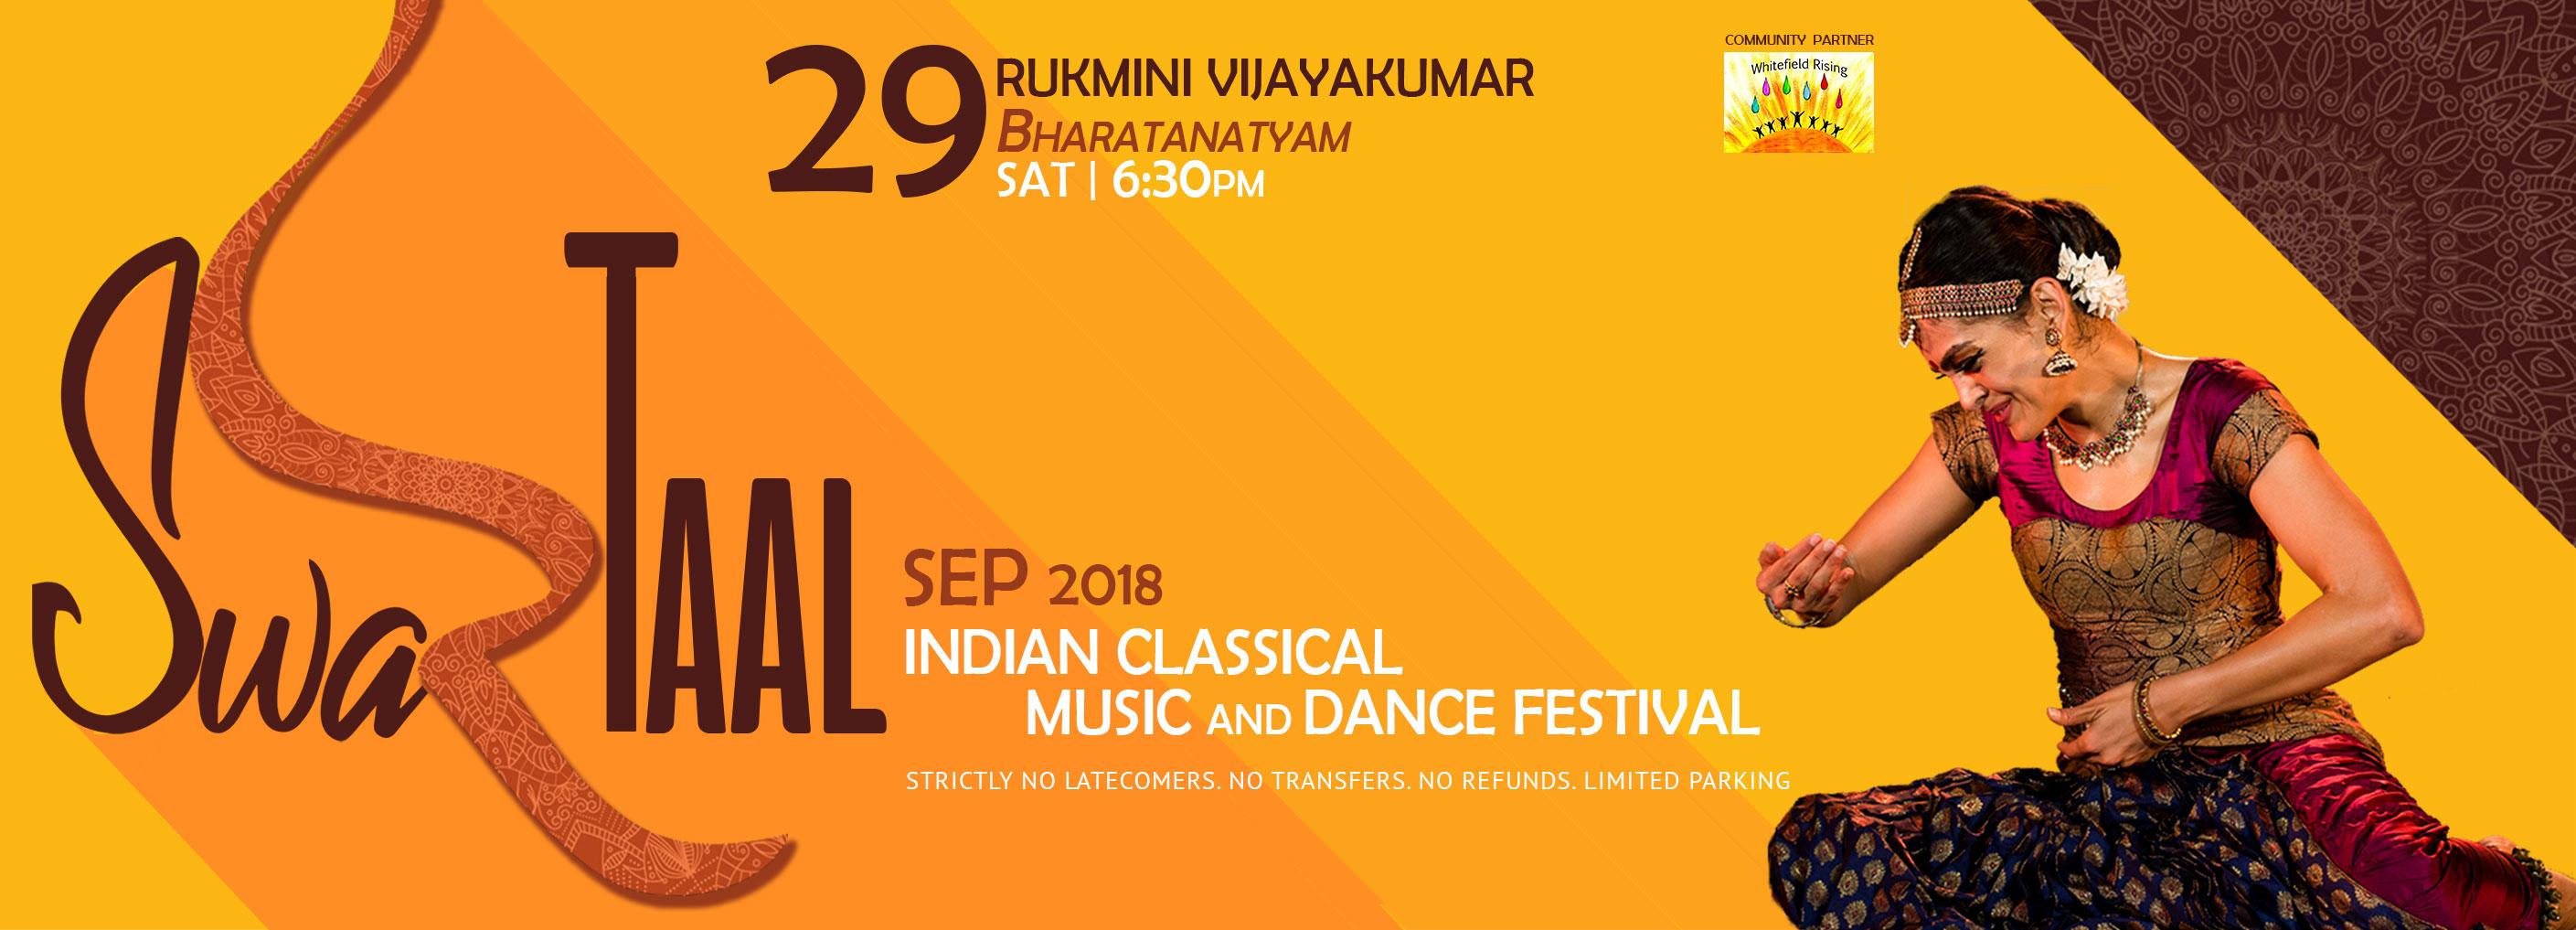 SwarTaal – Rukmini Vijayakumar